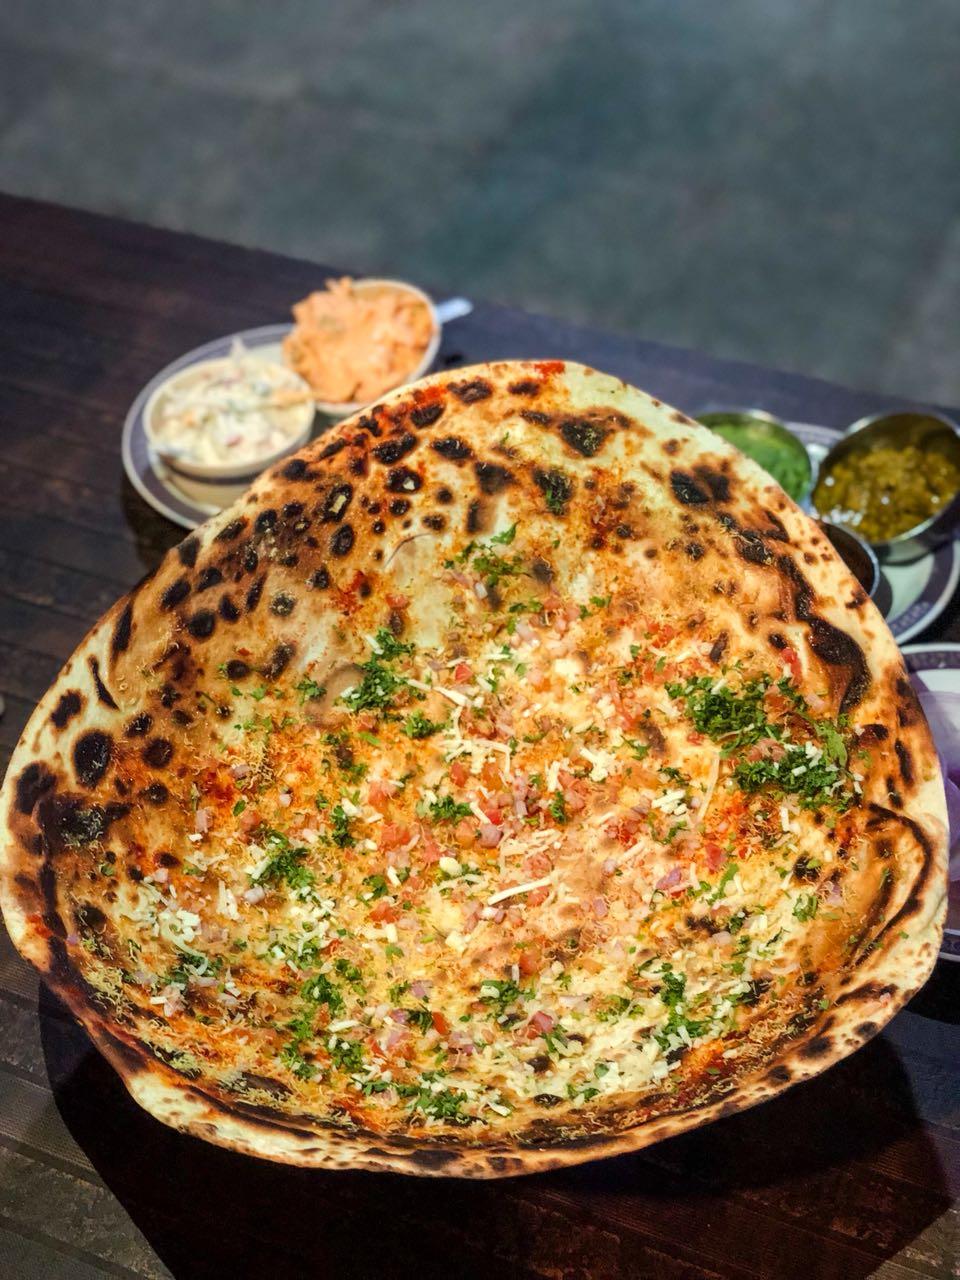 Roomali roti, Roomali Masala Papad, papad, starters, dhaba, dhaba food